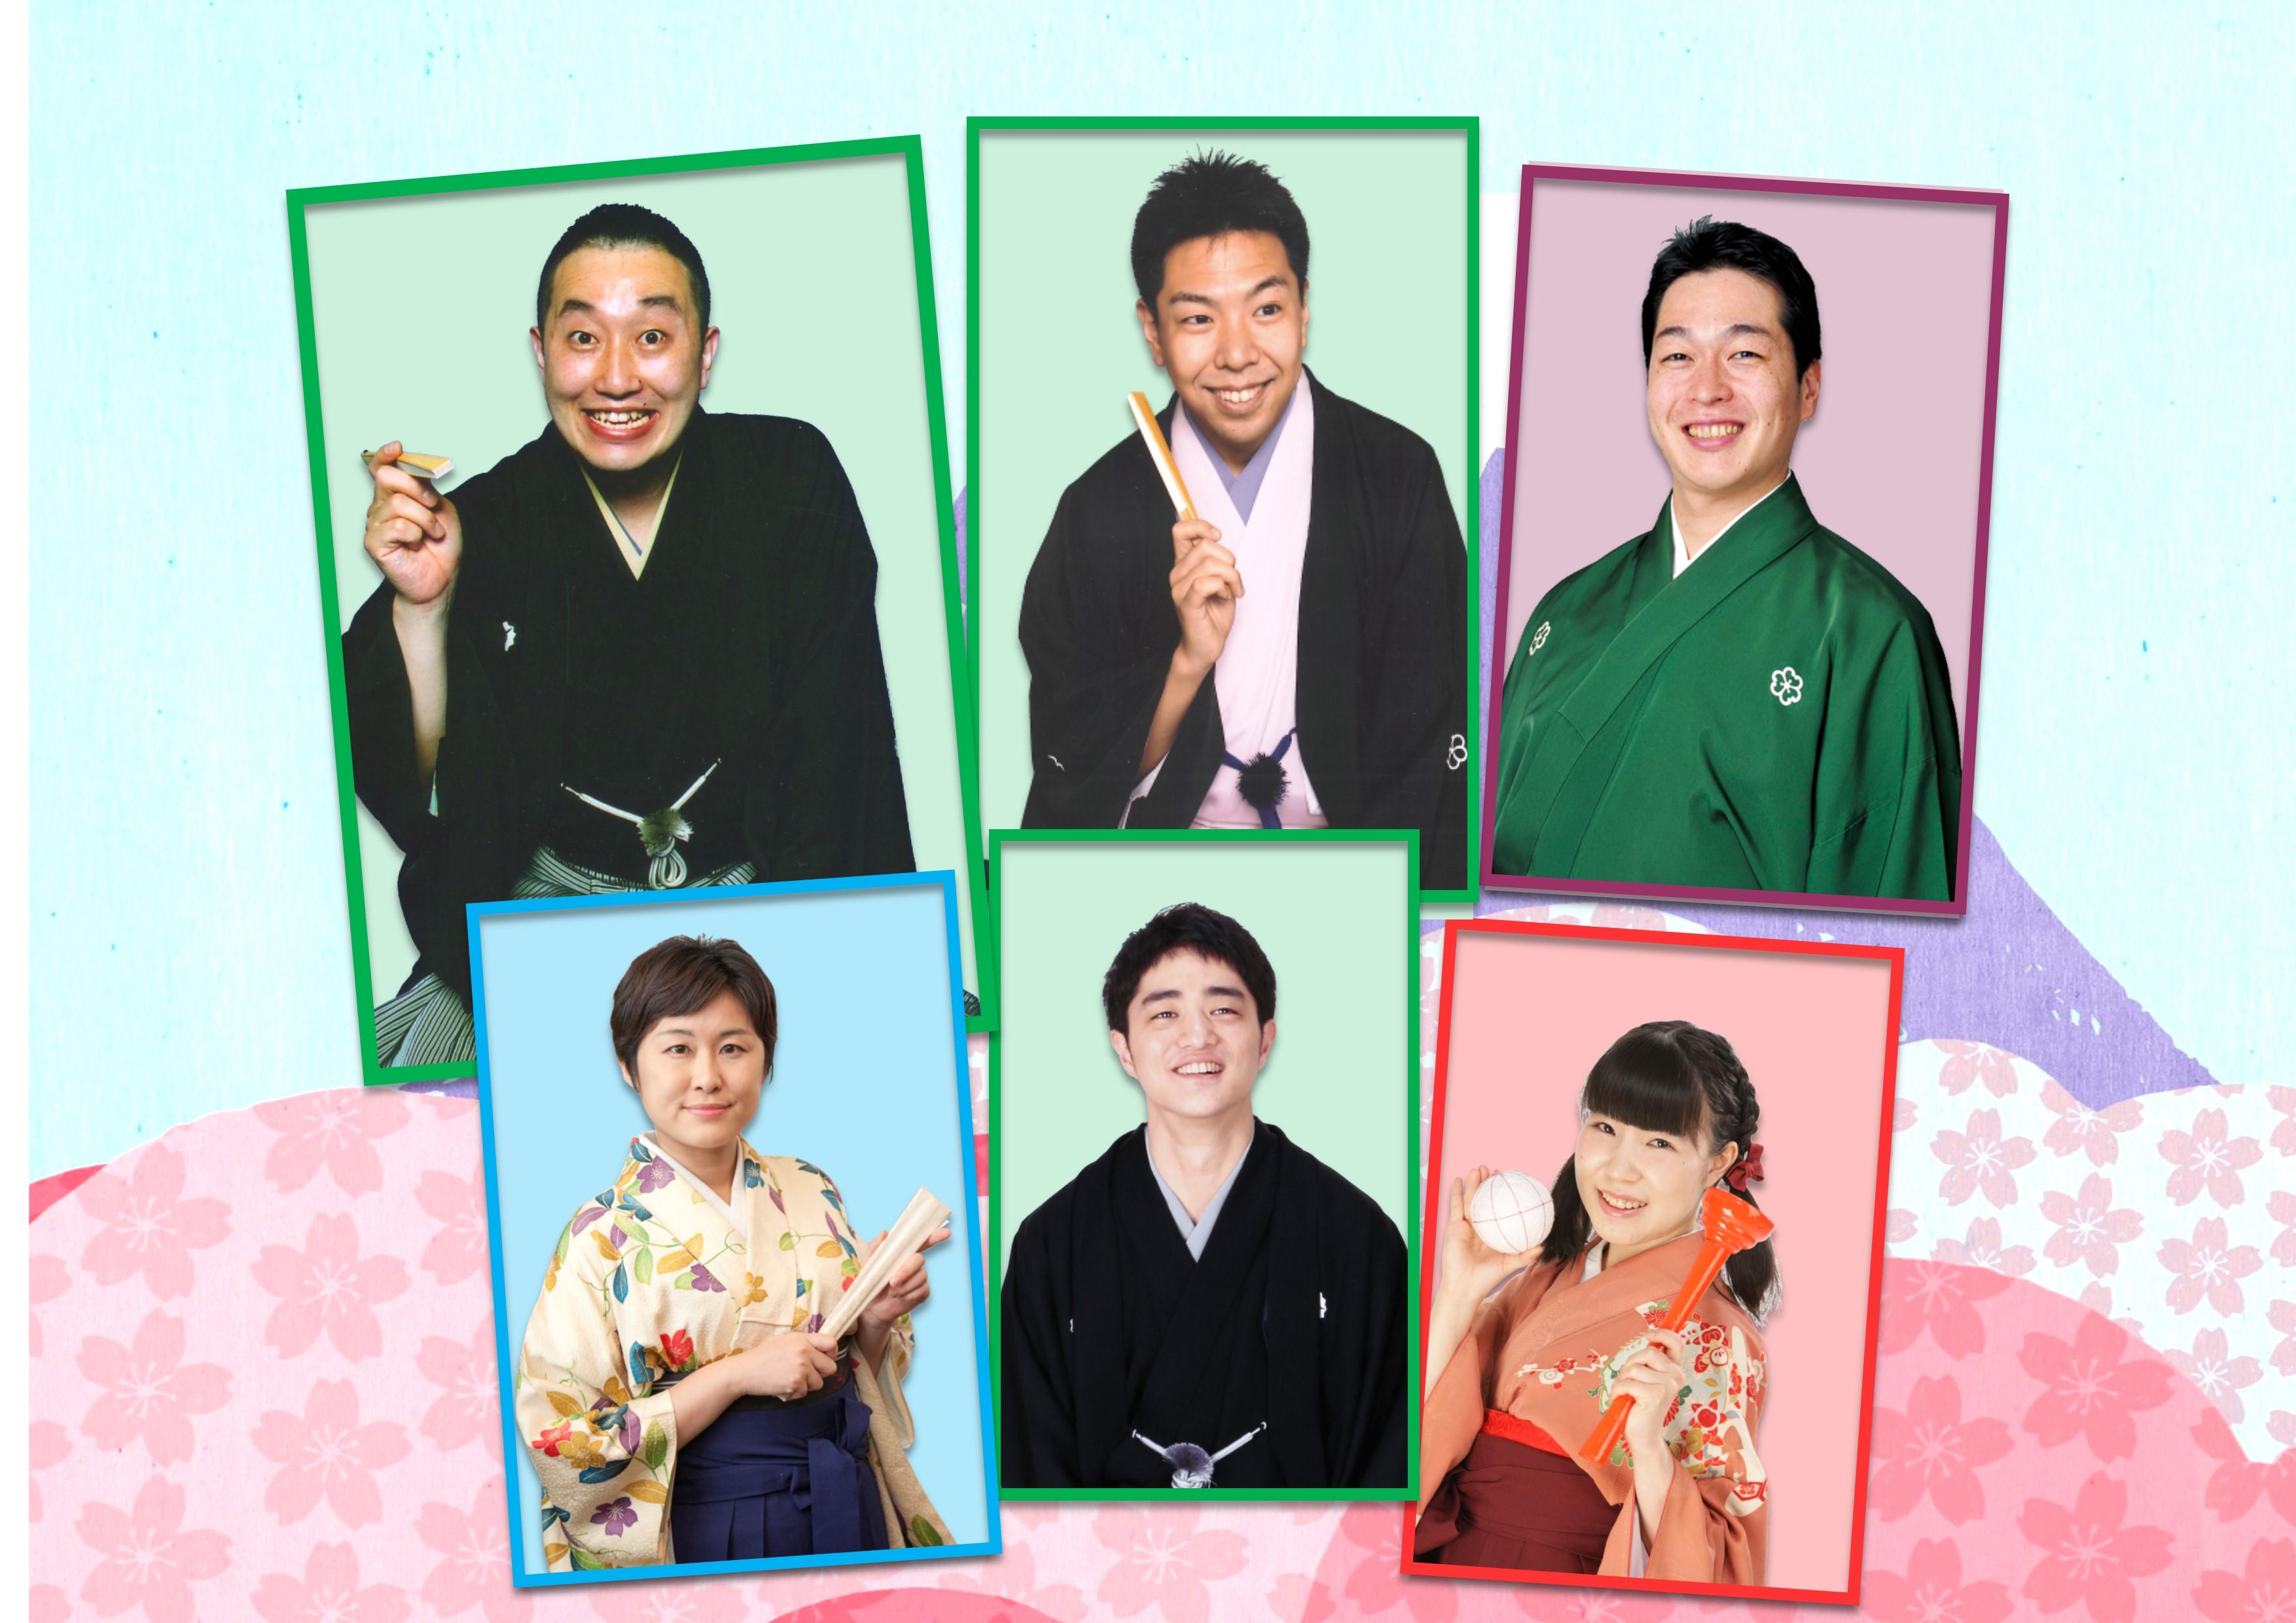 ほくとぴあ亭特別編 よくばり!新春初笑いの画像